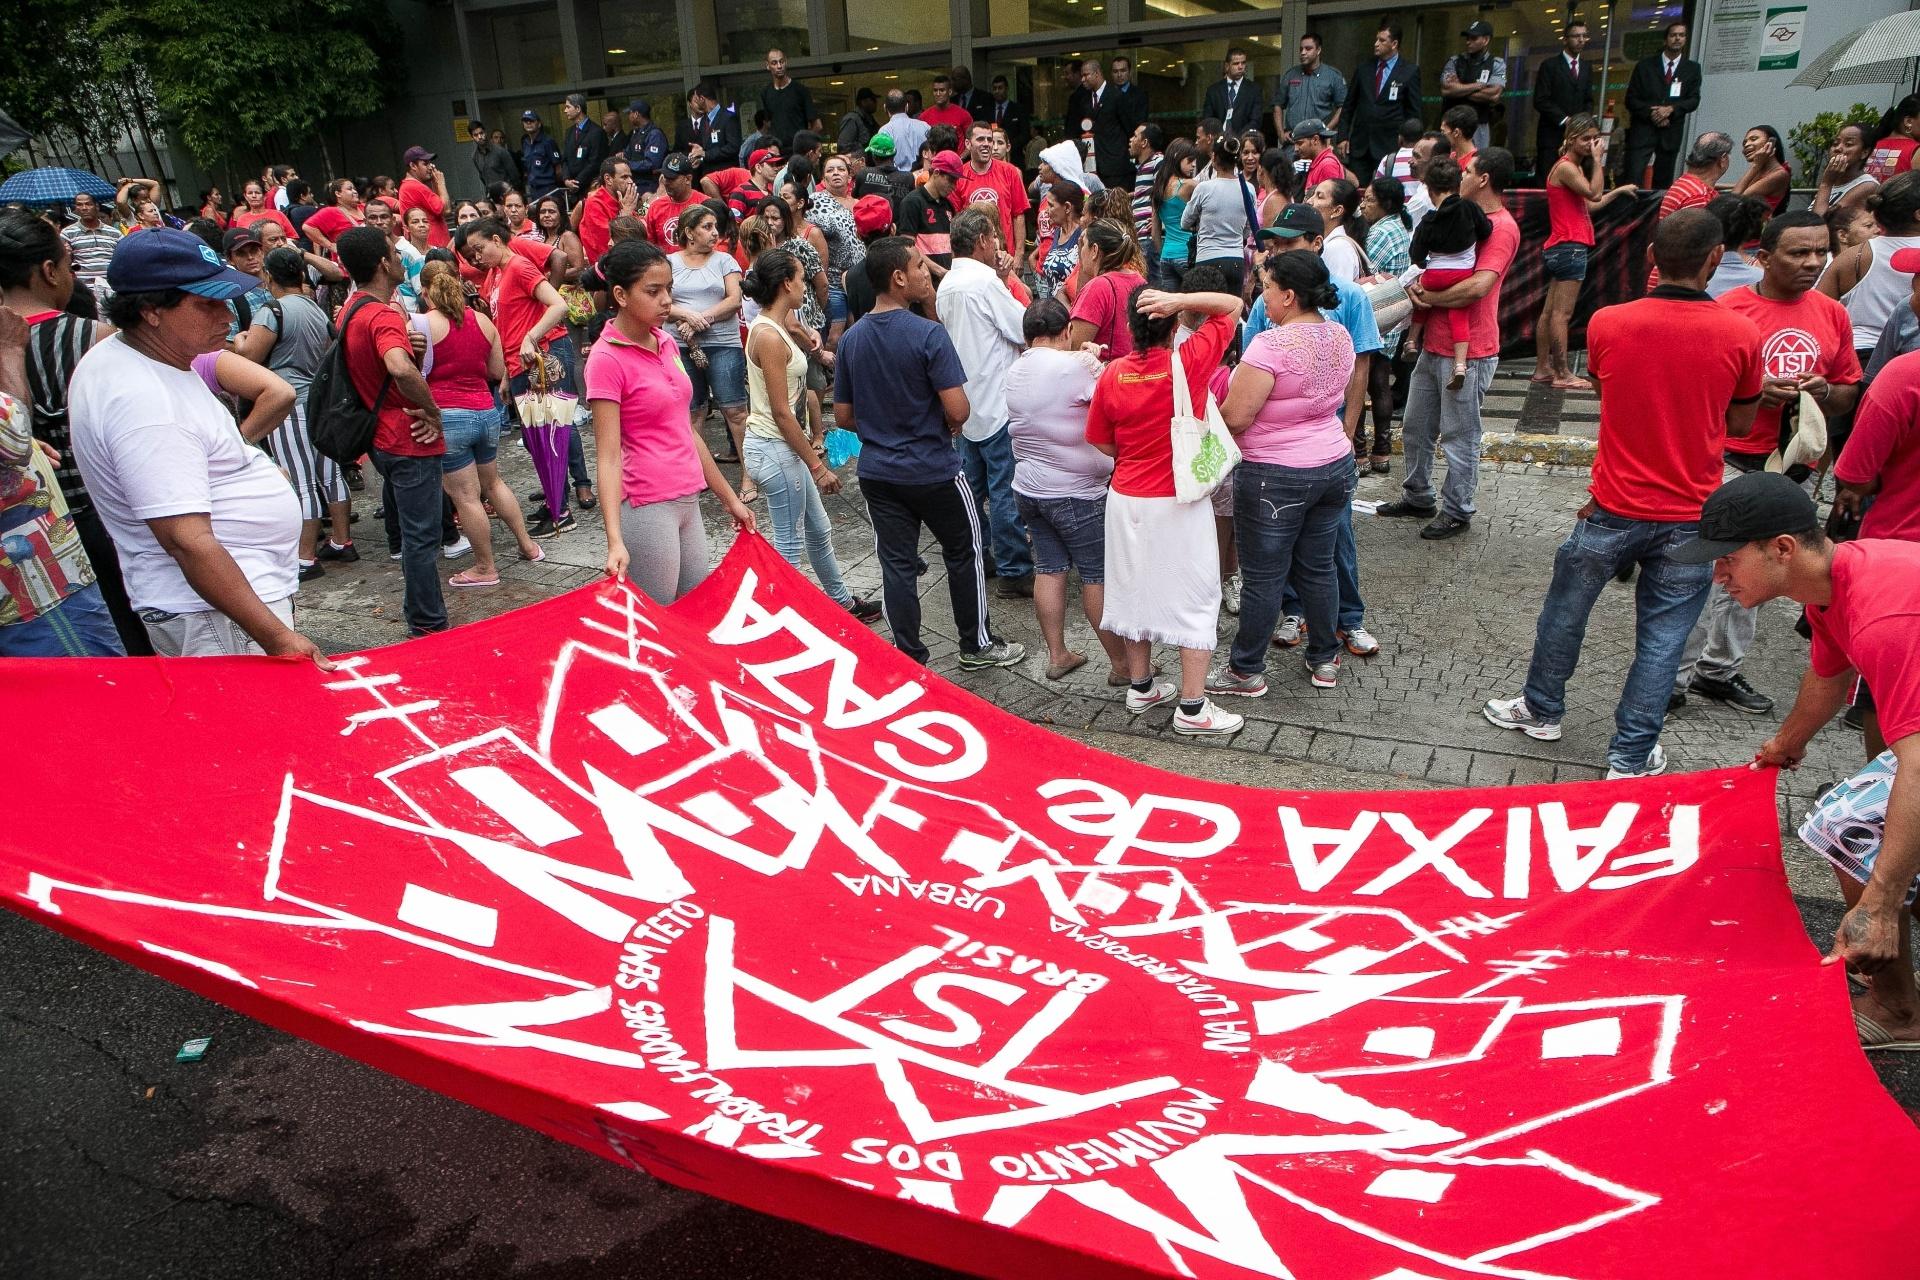 16.jan.2014 - Integrantes do MTST (Movimento dos Trabalhadores Sem Teto) e de outros movimentos sociais protestam em frente ao Shopping Campo Limpo, na zona sul de São Paulo, nesta quinta feira (16). Temendo os